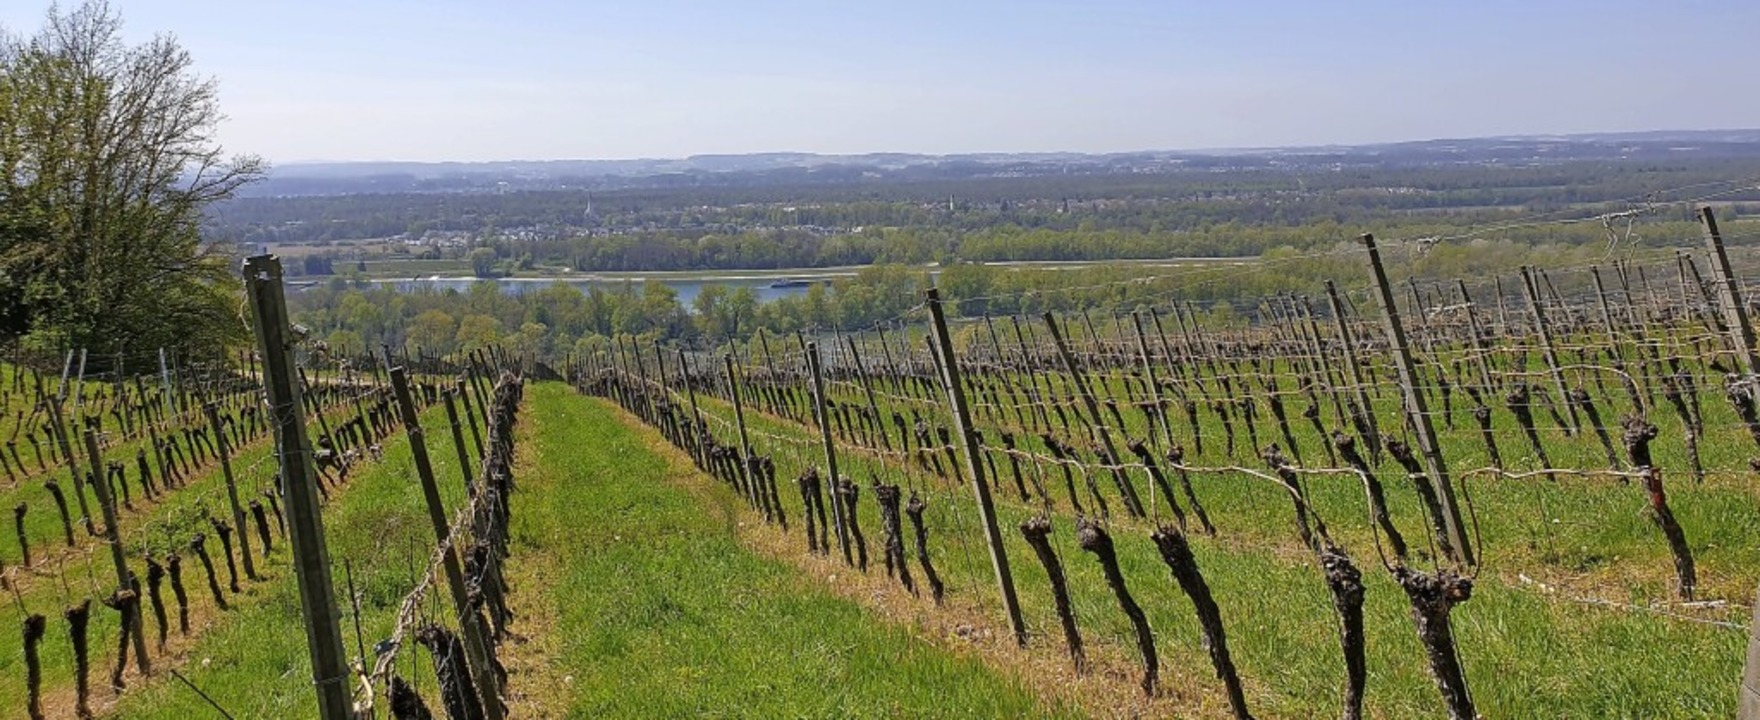 Aussicht über Reben: Der Blick schweif...den Rhein bis hinüber nach Frankreich.    Foto: Gabriele Poppen